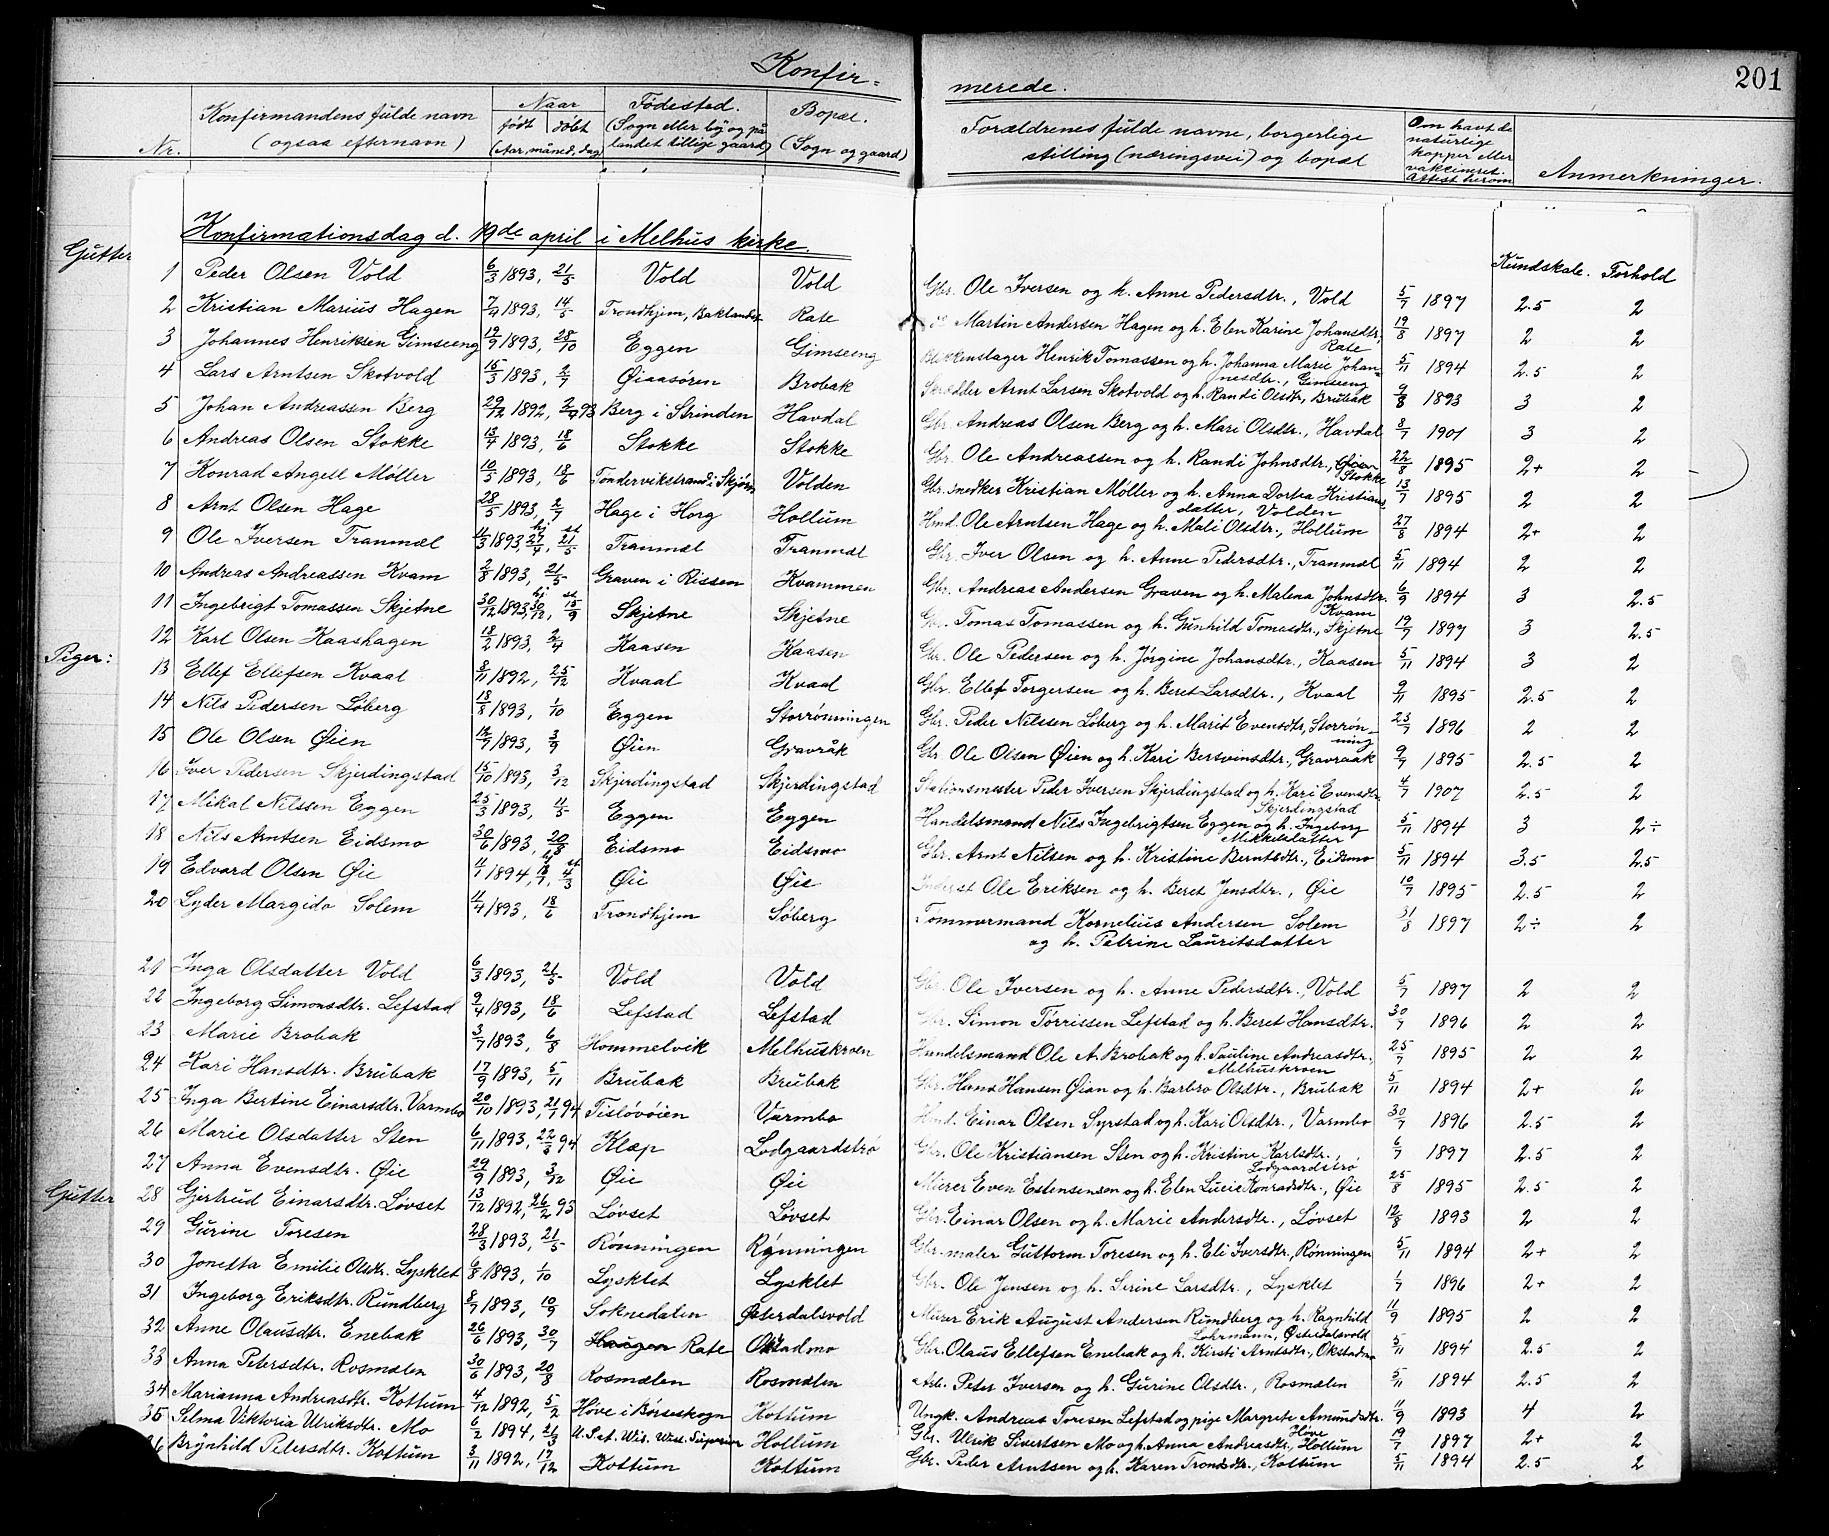 SAT, Ministerialprotokoller, klokkerbøker og fødselsregistre - Sør-Trøndelag, 691/L1094: Klokkerbok nr. 691C05, 1879-1911, s. 201g